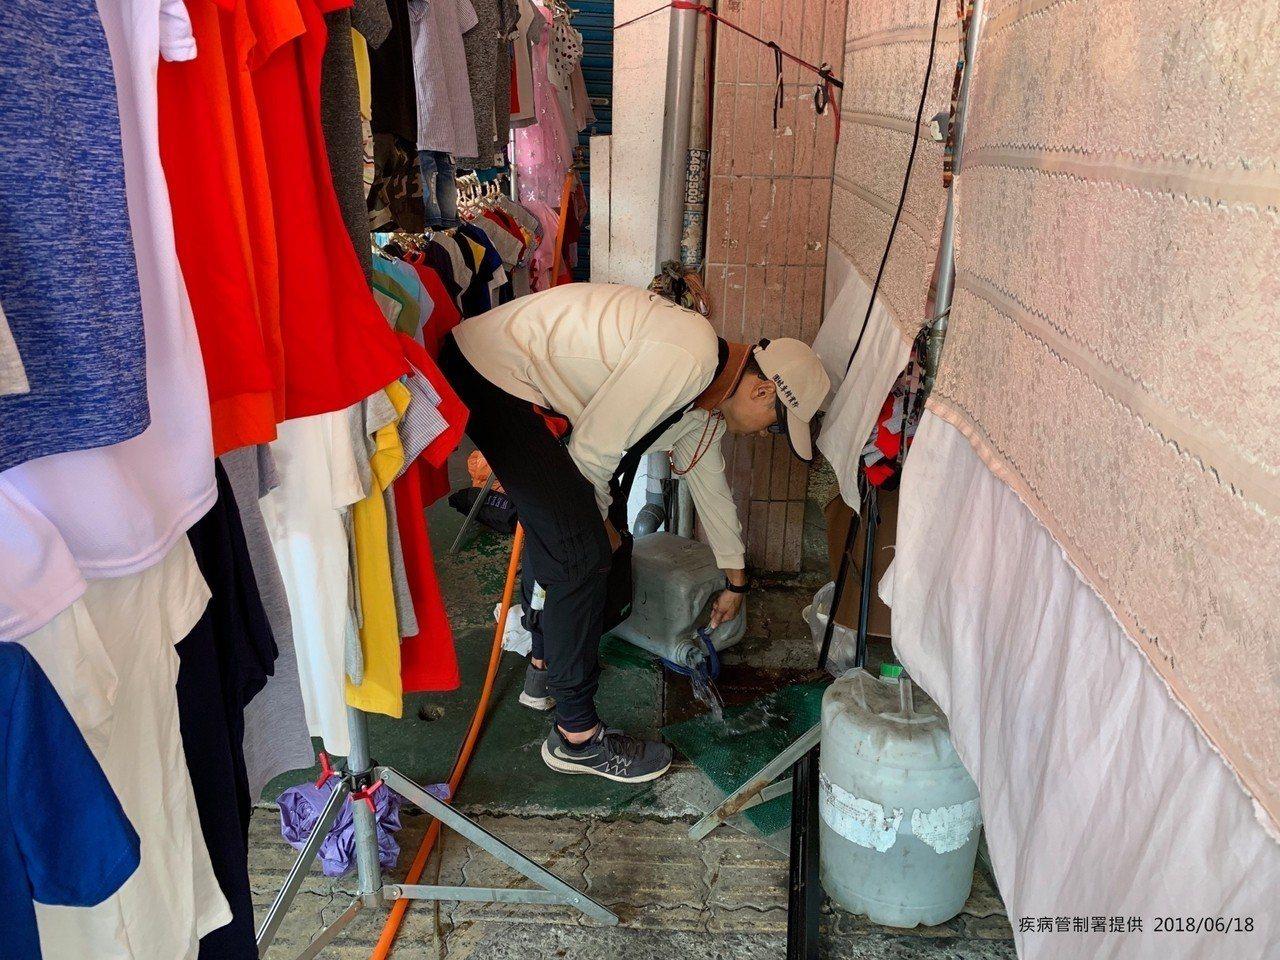 疾管署防疫人員前進高雄市三民區金獅湖市場查核病媒孳生源。圖/疾管署提供